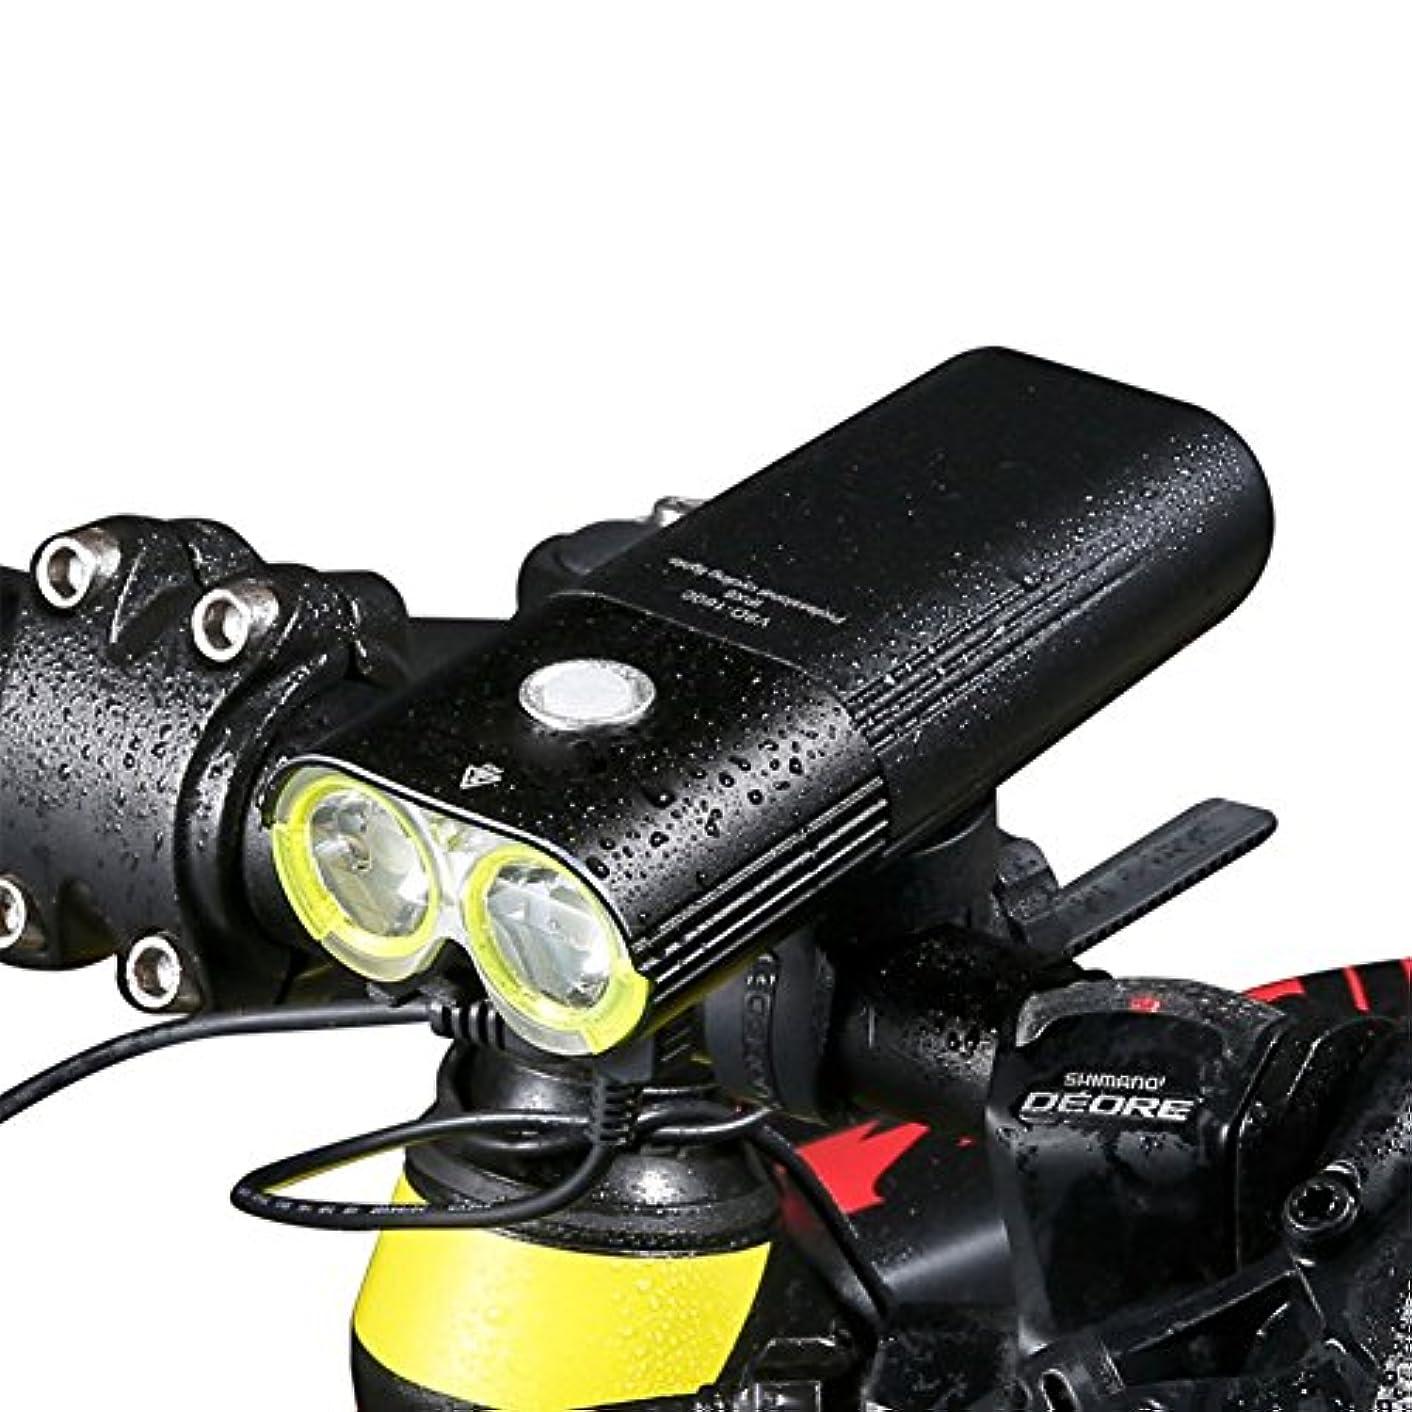 プログラムサンダース幽霊Liebeye 自転車フロントランプヘッドライト充電高輝度防水バイクサイクリング安全ヘッドランプ 1600ルーメン